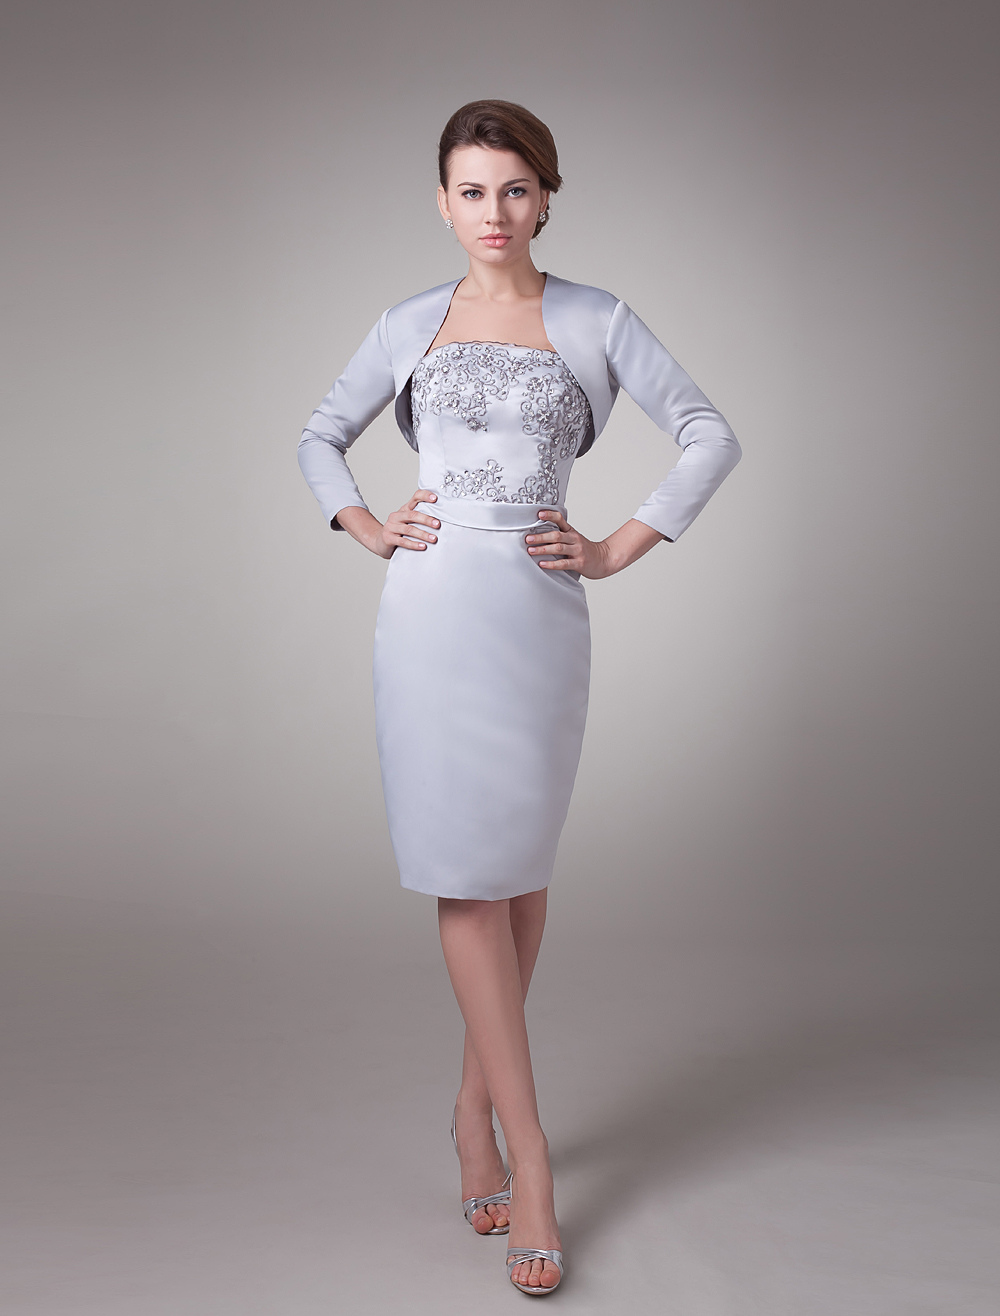 brand new 91eed 9469b Abito per la madre della sposa argento attillato in satin ricamato al  ginocchio Abiti per Ospiti di Matrimonio